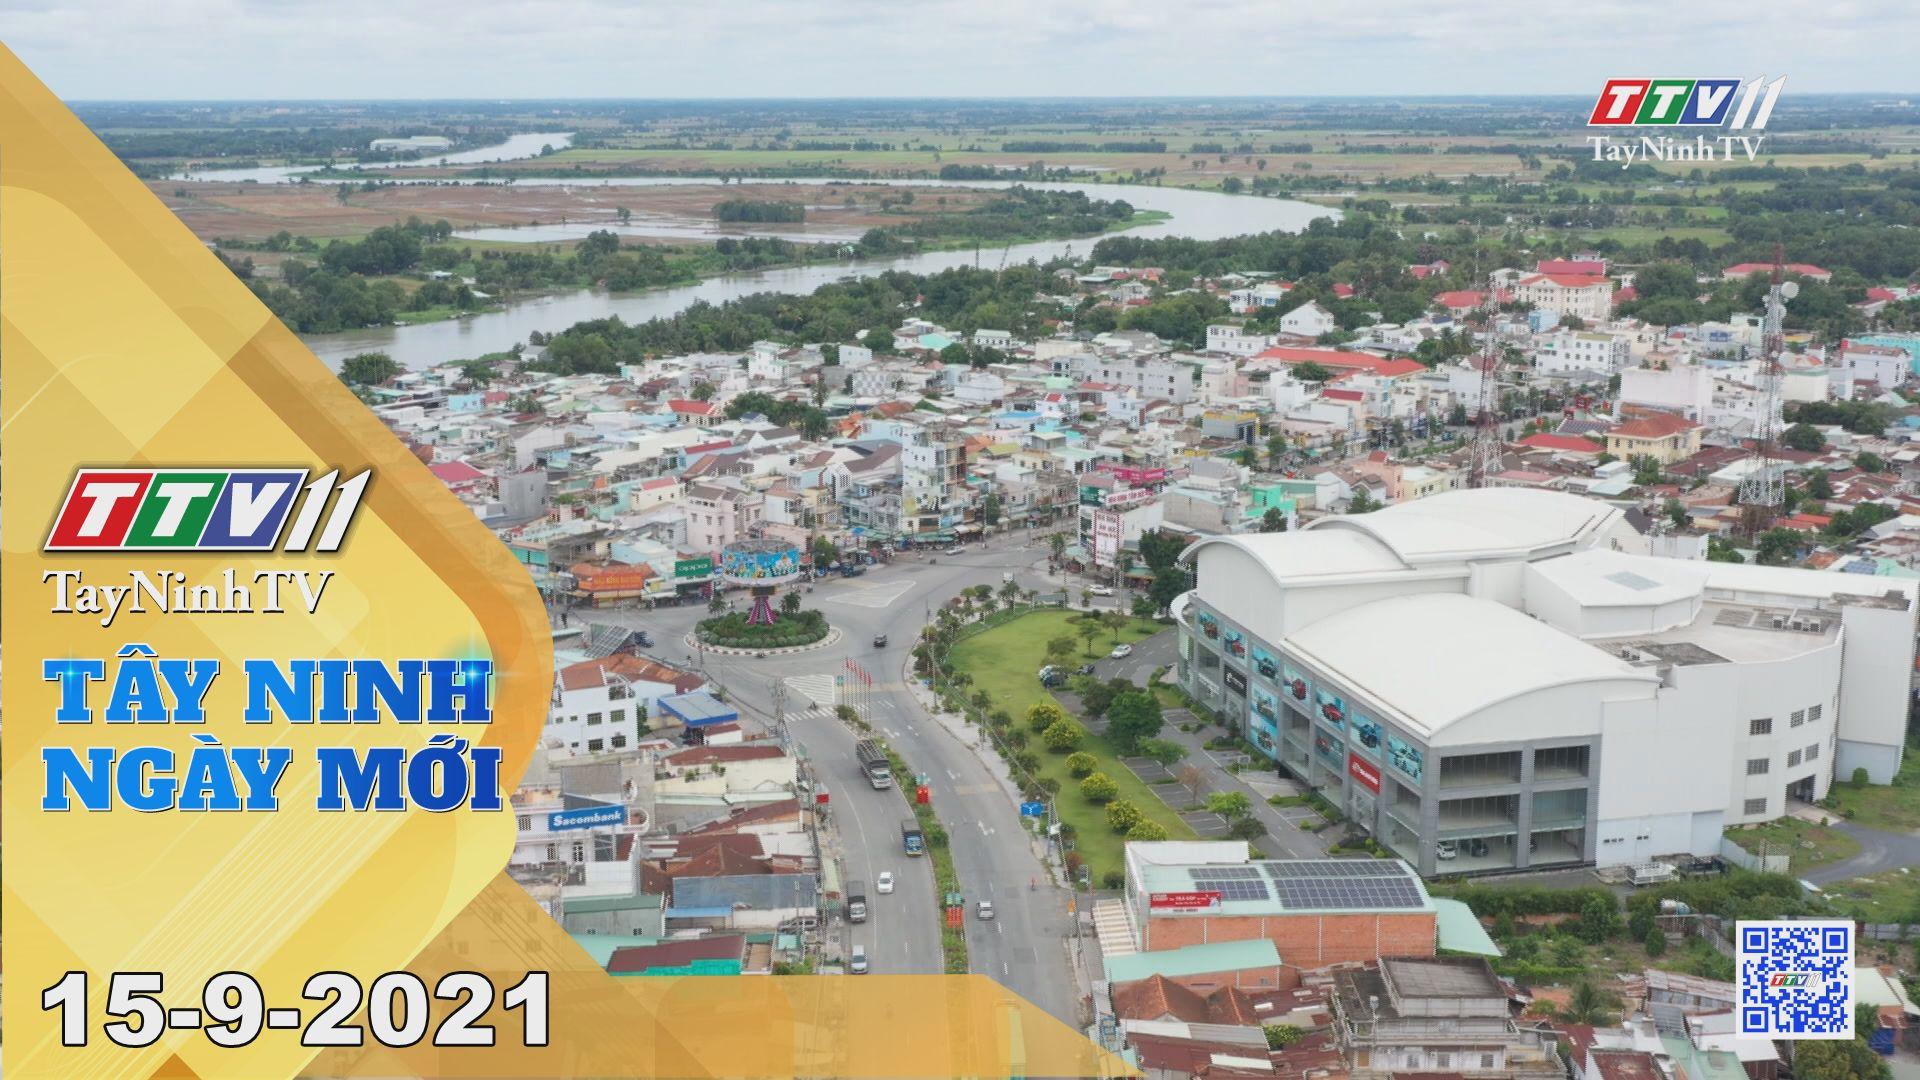 Tây Ninh Ngày Mới 15-9-2021 | Tin tức hôm nay | TayNinhTV